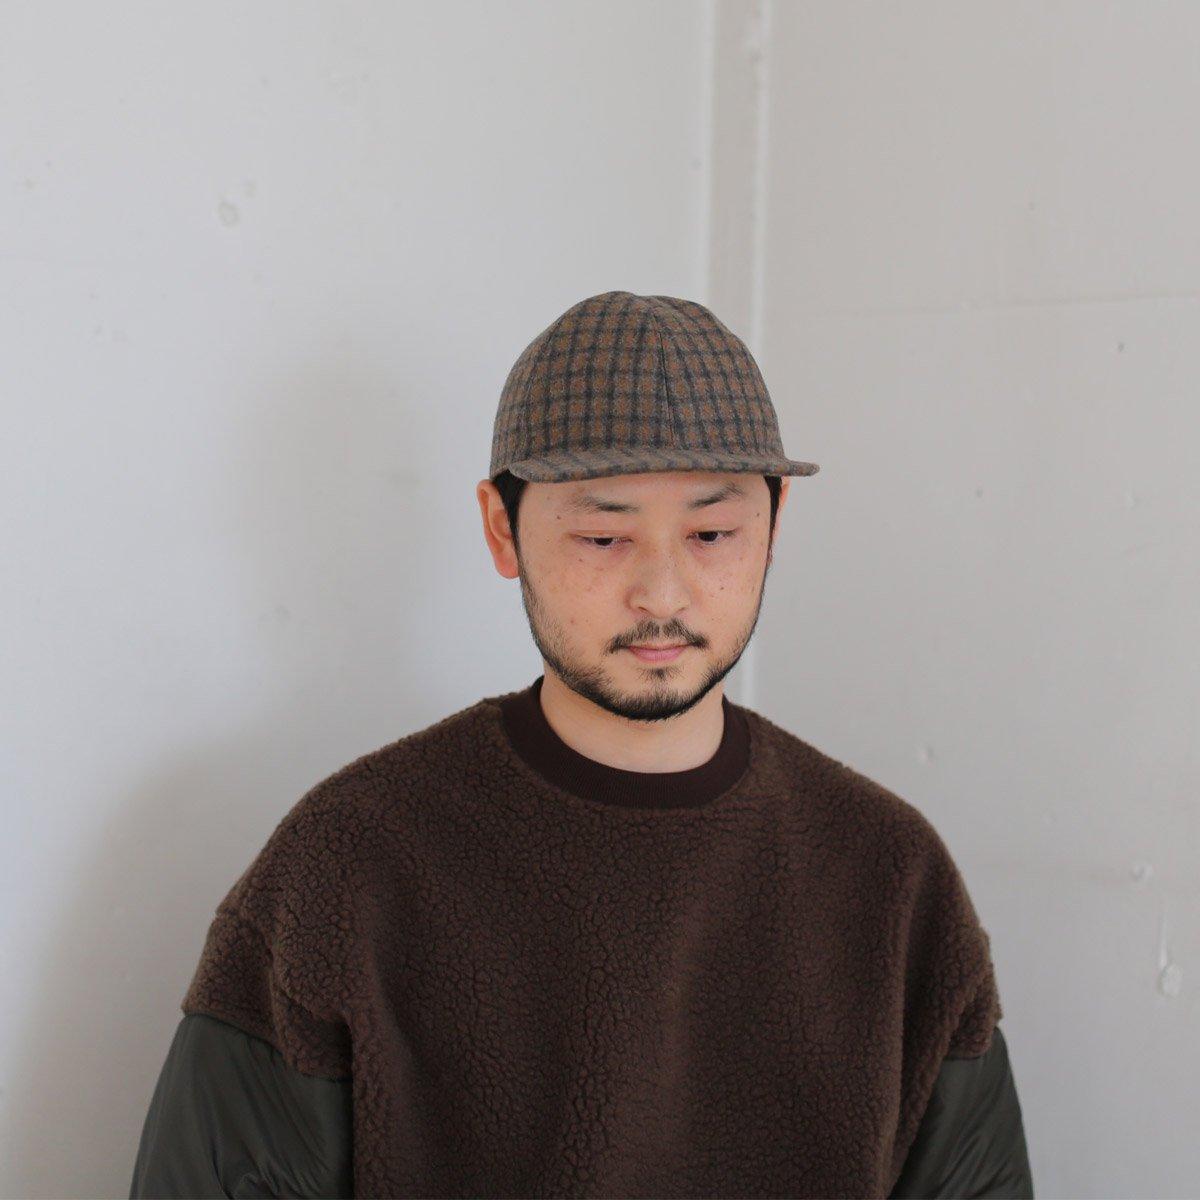 JOBA CAP 詳細画像13